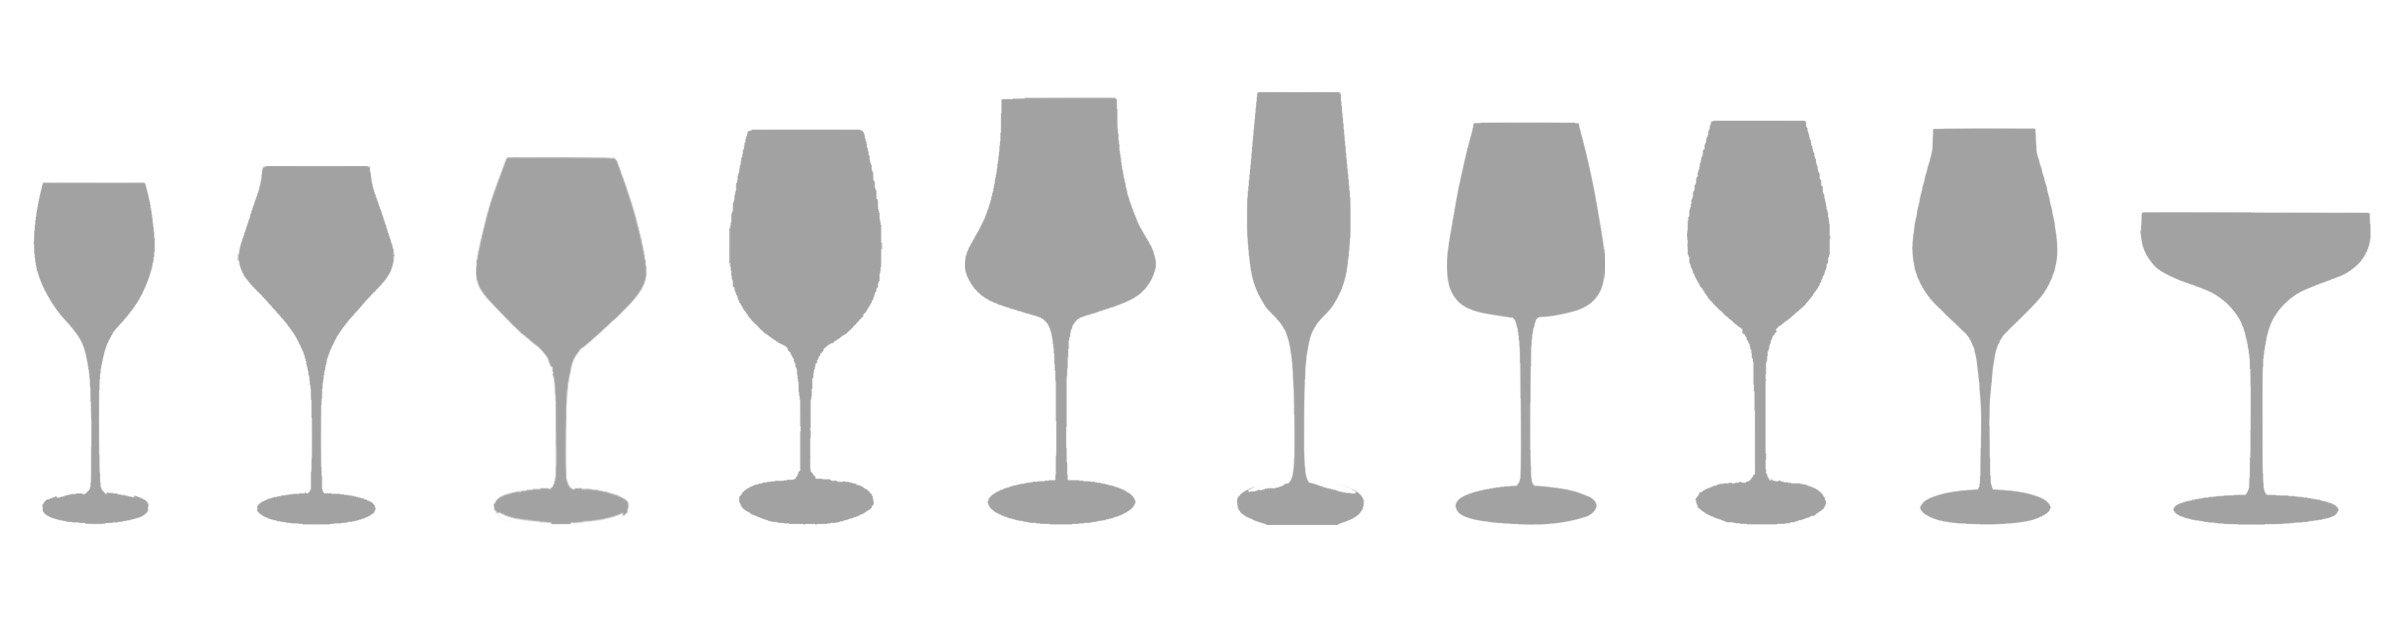 glasses banner